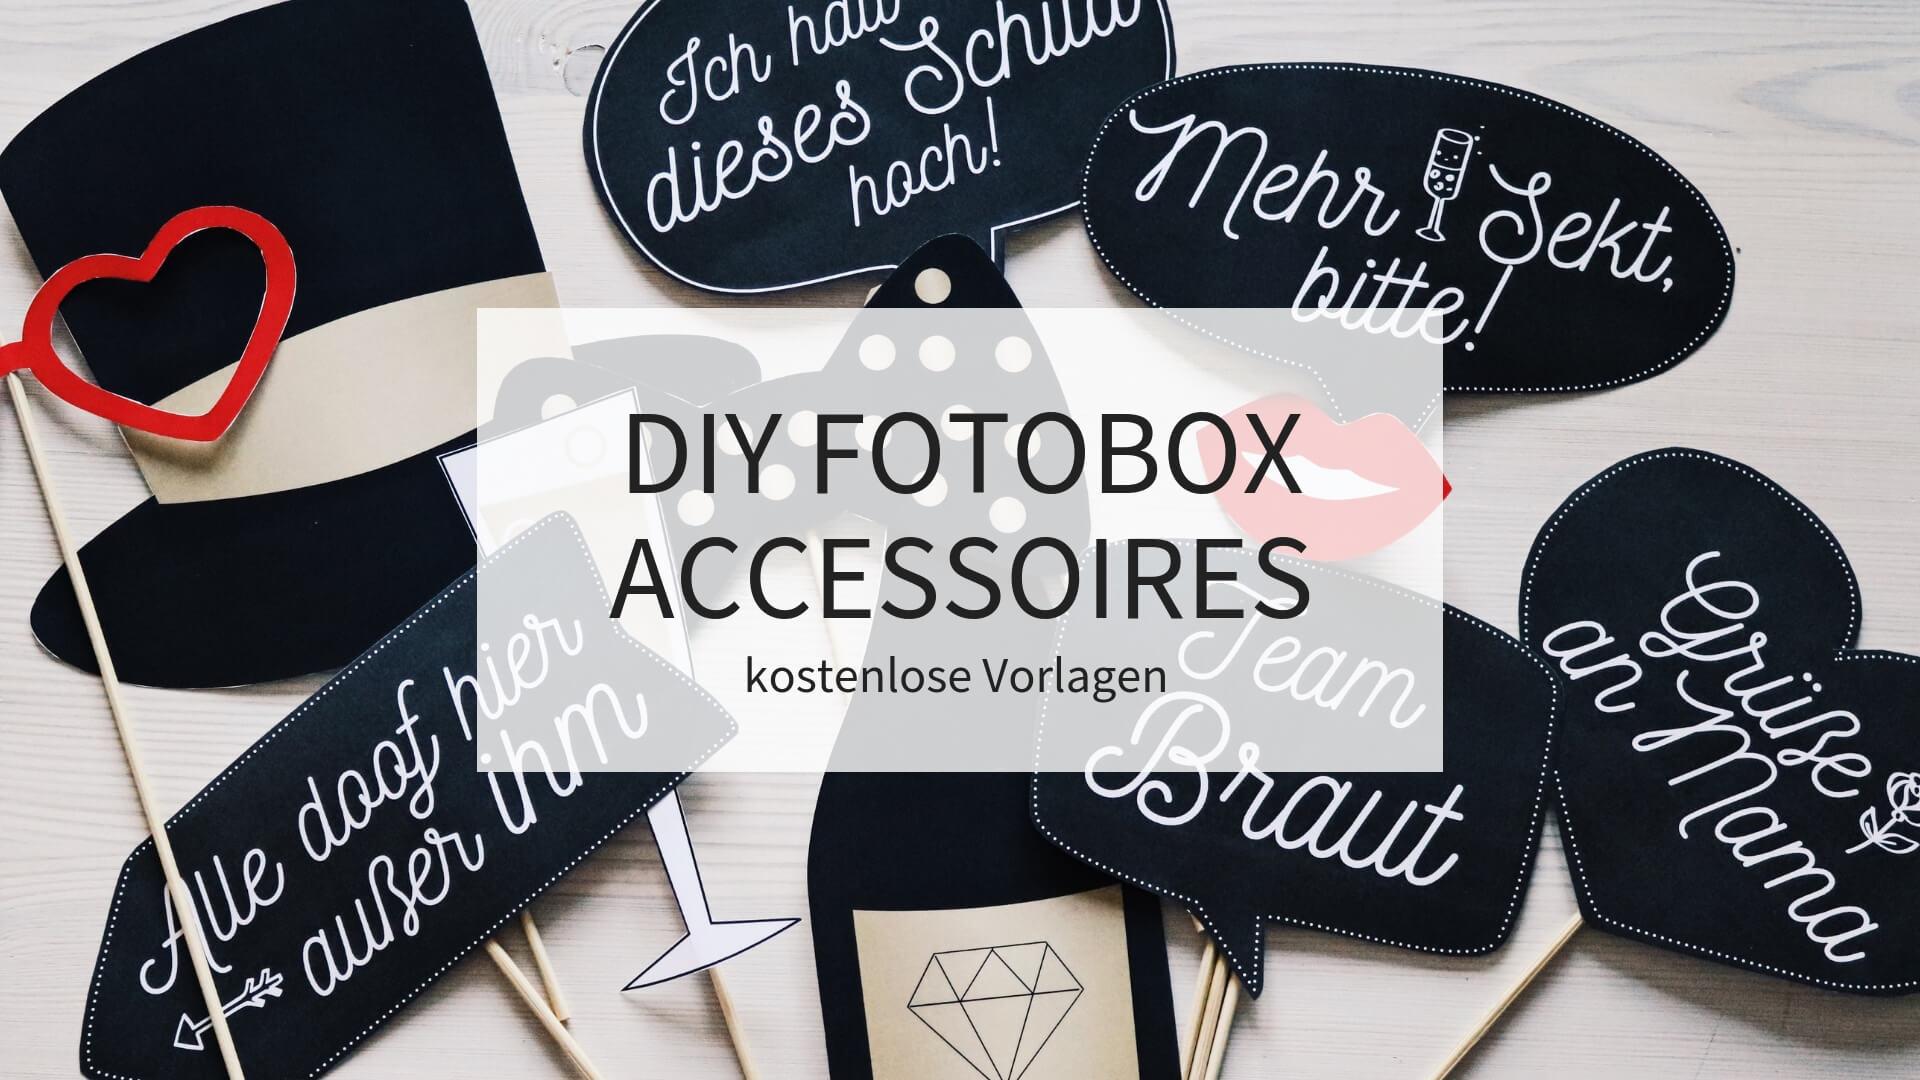 Fotobox Photo Booth Fur Hochzeit Mieten Nur 299 Fexobox